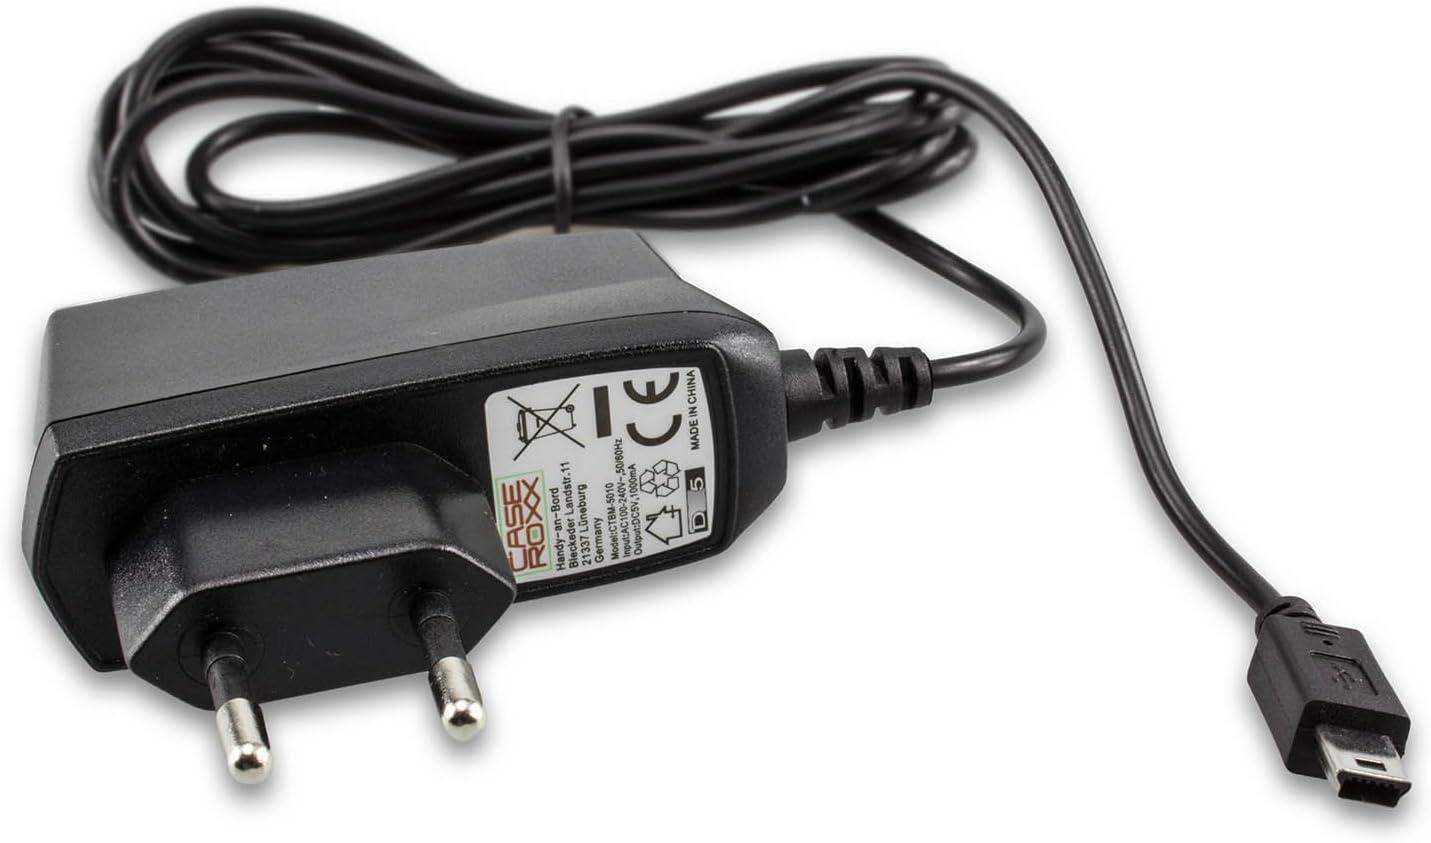 caseroxx Cable Cargador Smartphone Cargador para Garmin eTrex Summit, Cargador Fuente de alimentación para Cargar el móvil (Cable Flexible y Estable en Negro)